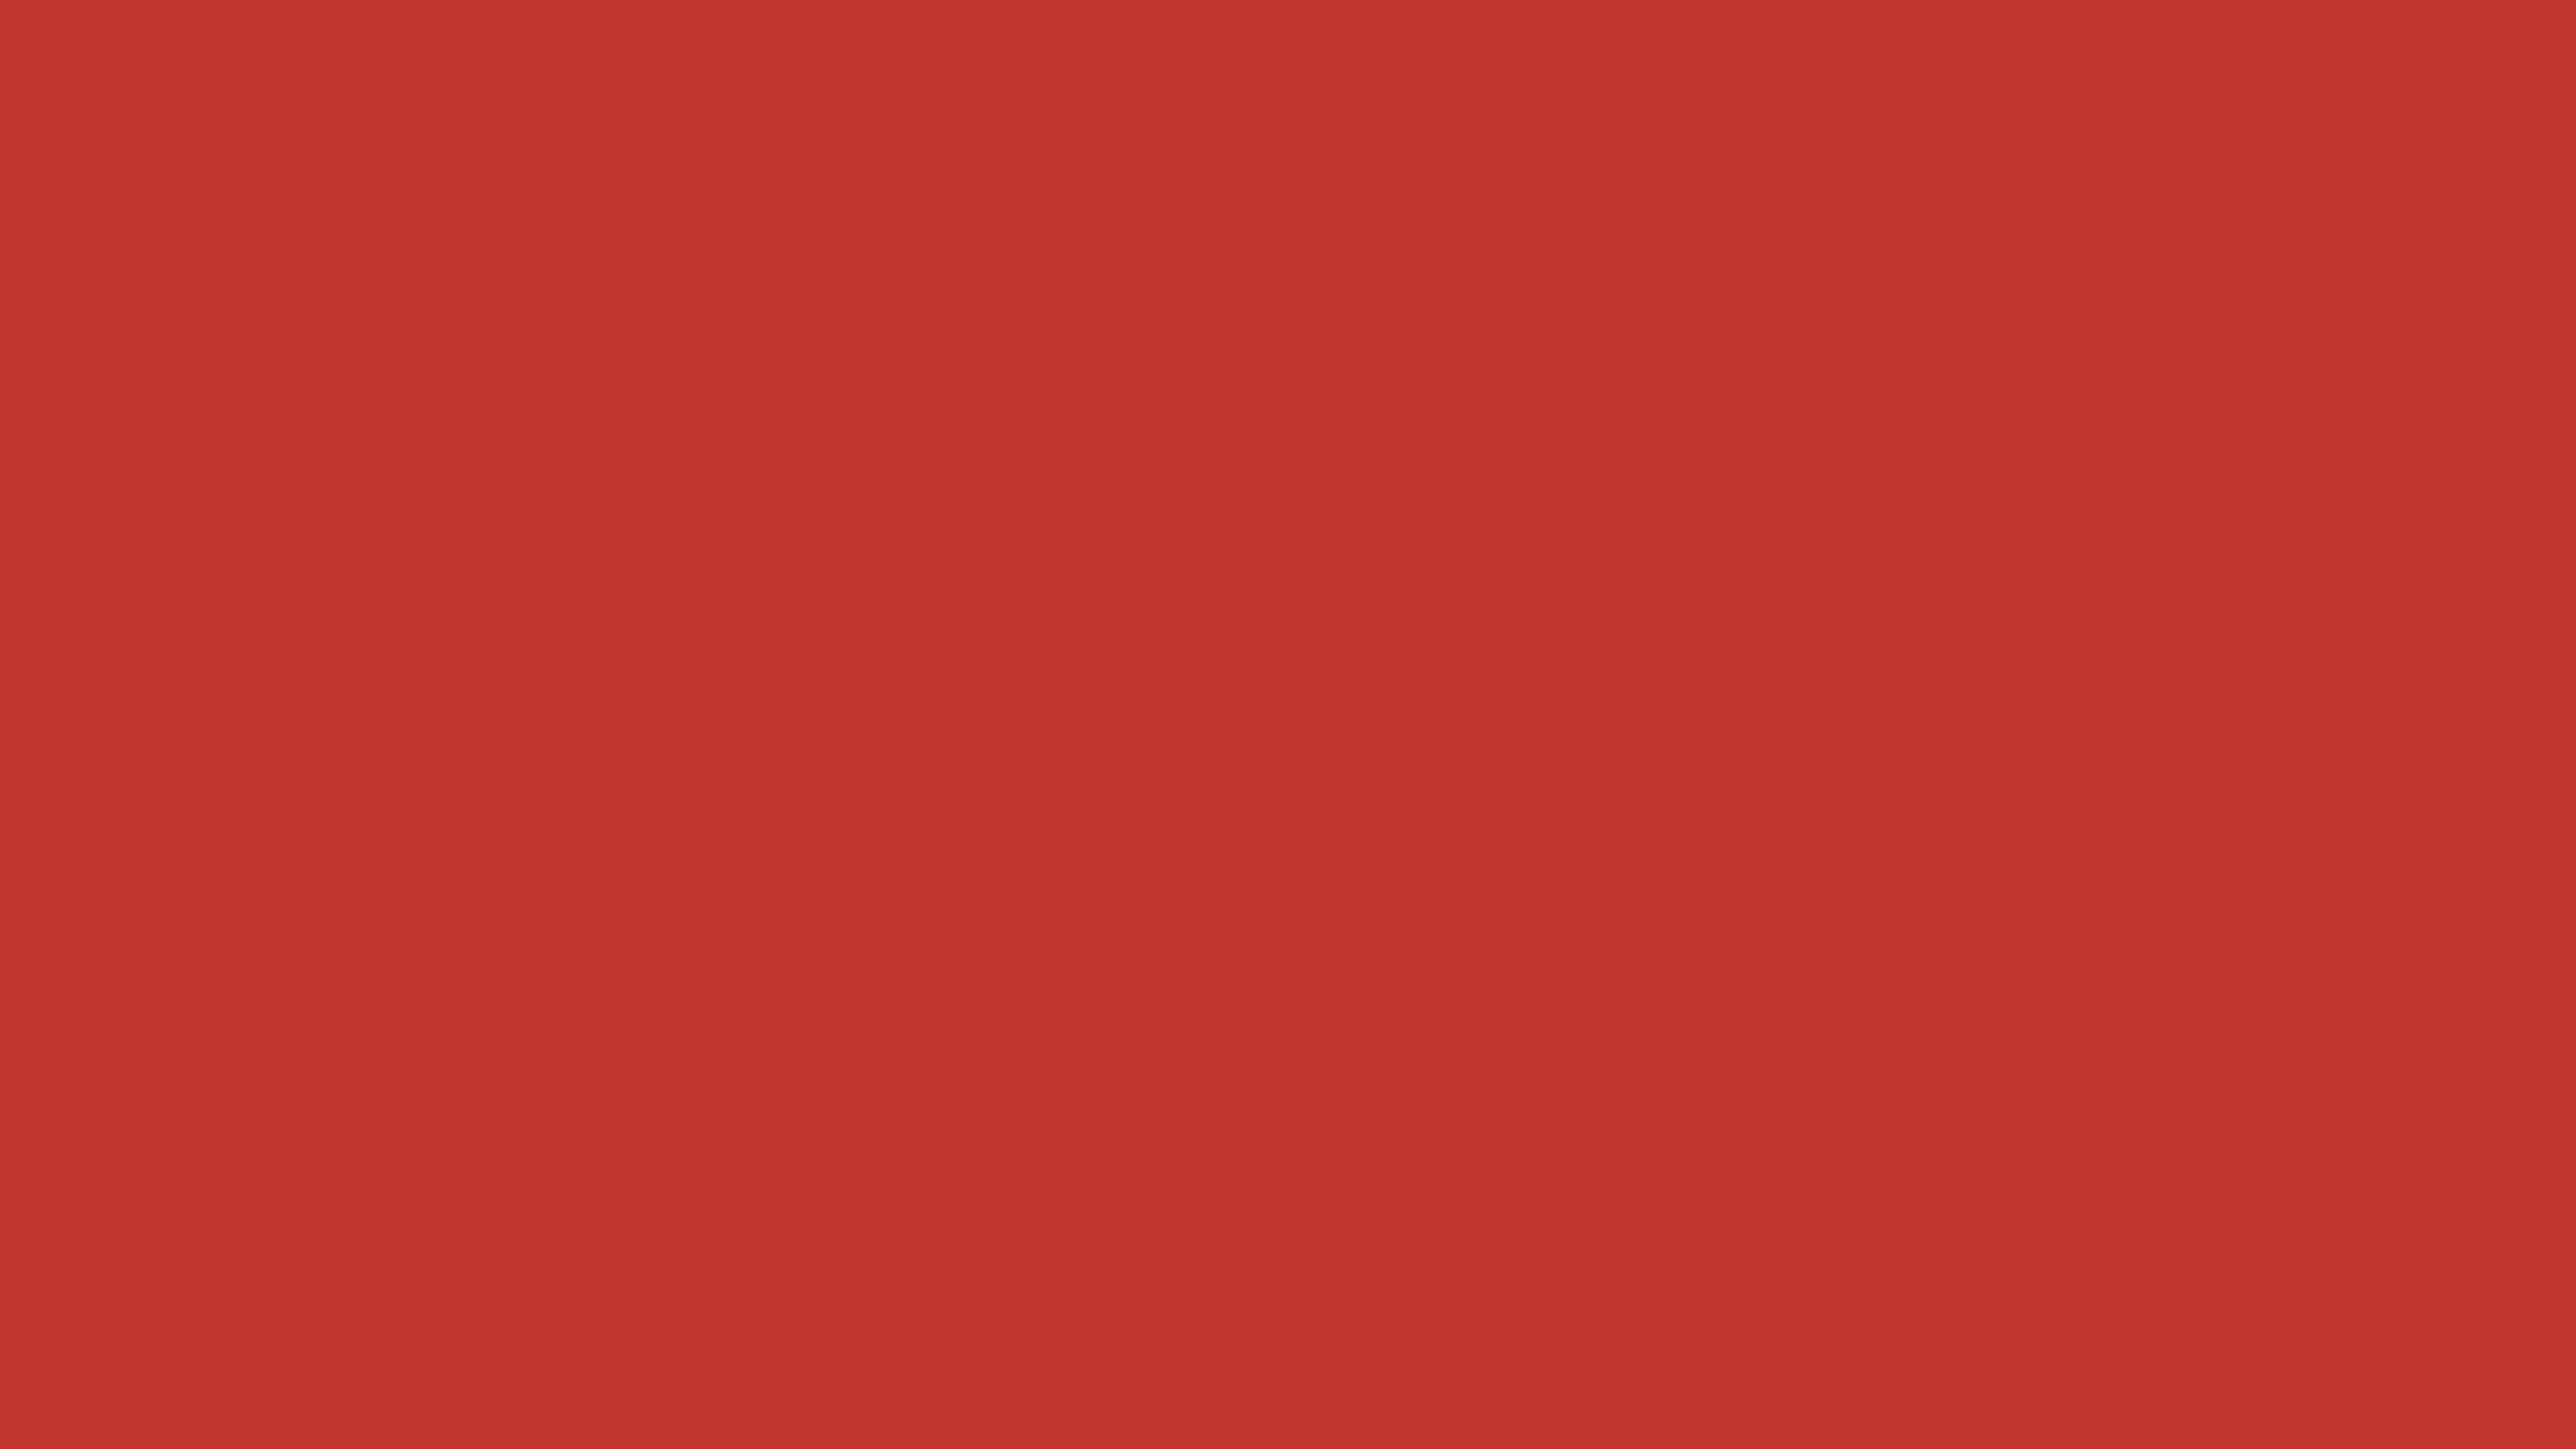 7680x4320 International Orange Golden Gate Bridge Solid Color Background